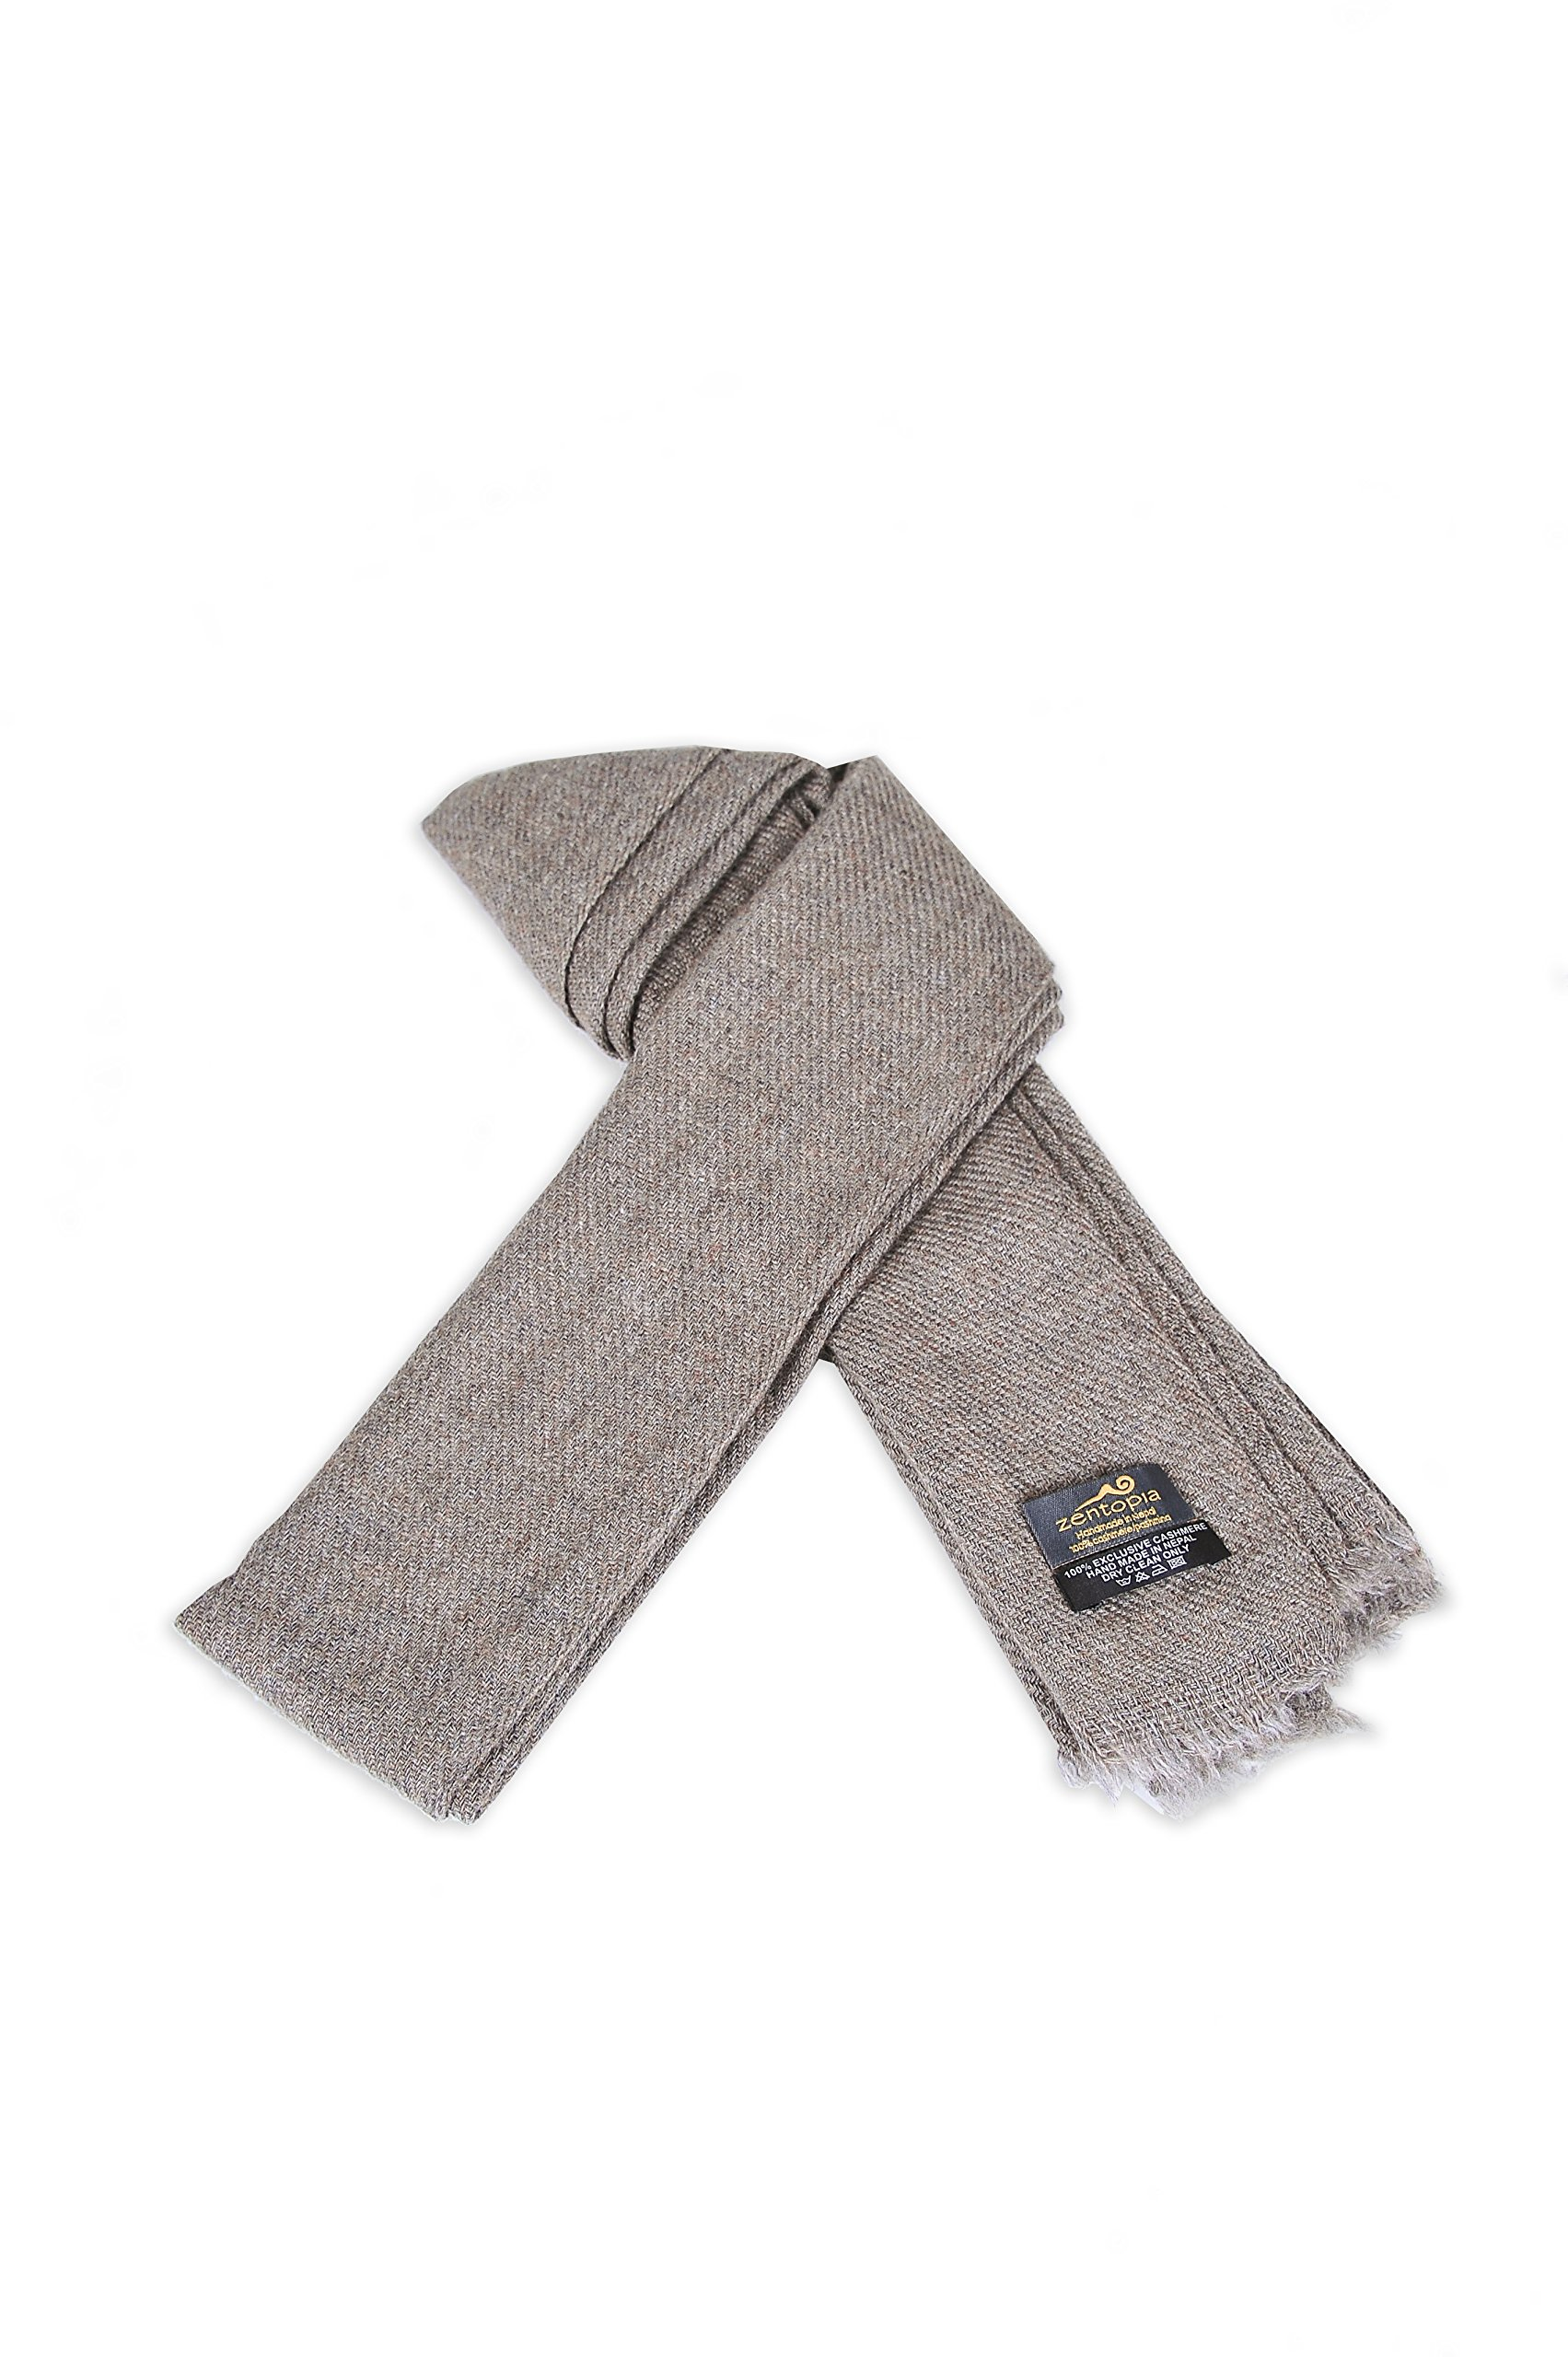 Zentopia classic 100% Grade A cashmere handmade scarf narrow cut light weight (Brown)